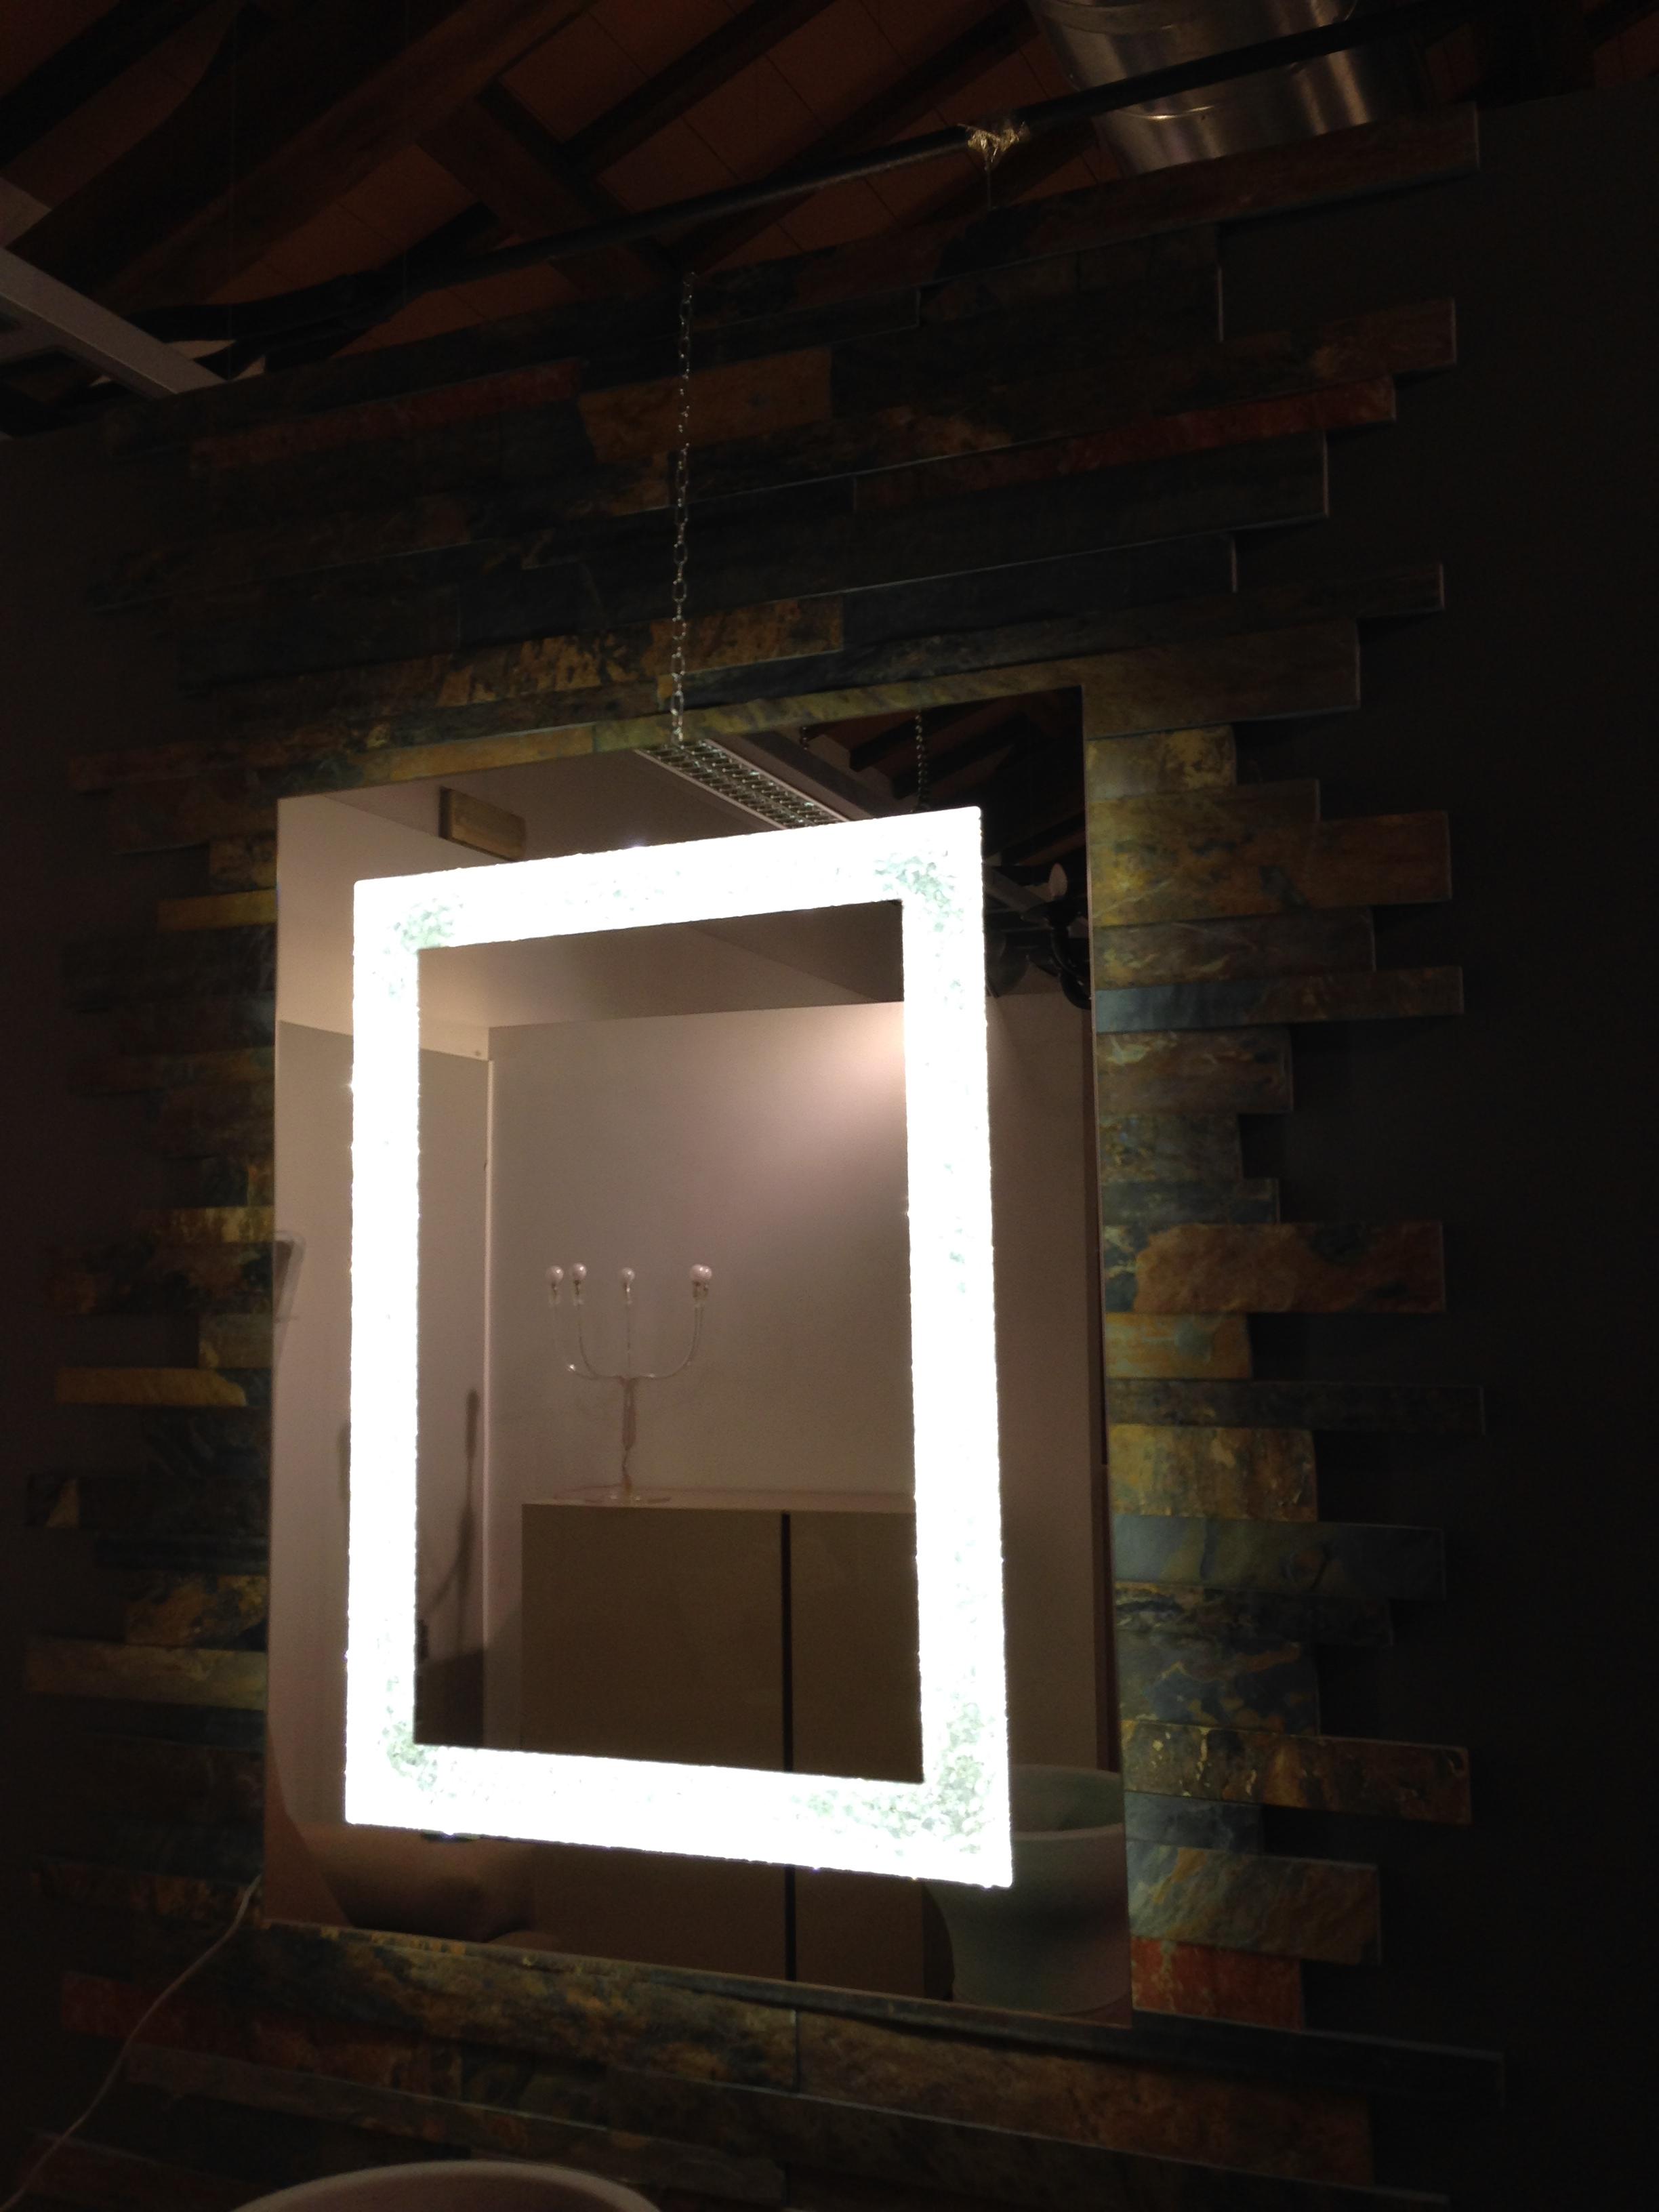 Specchio sillux con luci scontato complementi a prezzi - Specchio con lampadine ...